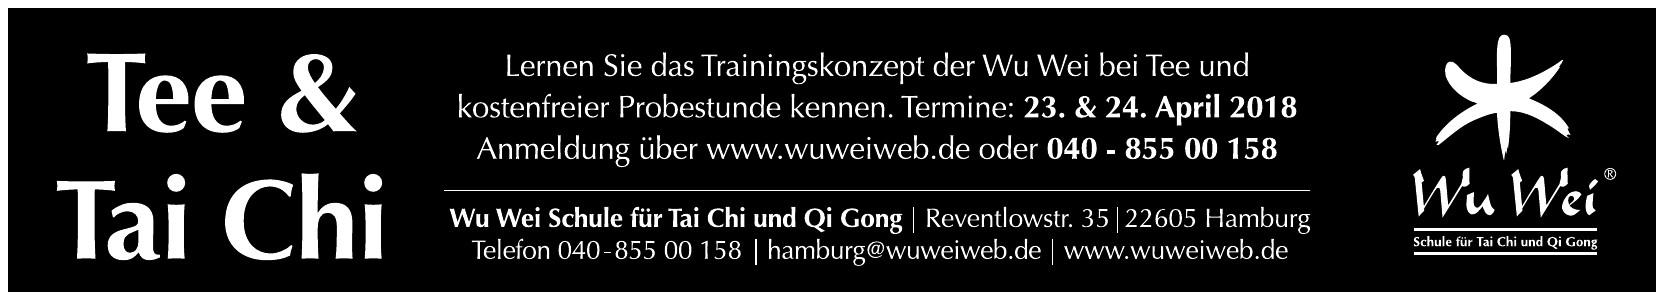 Wu Wei Schule für Tai Chi und Qi Gong